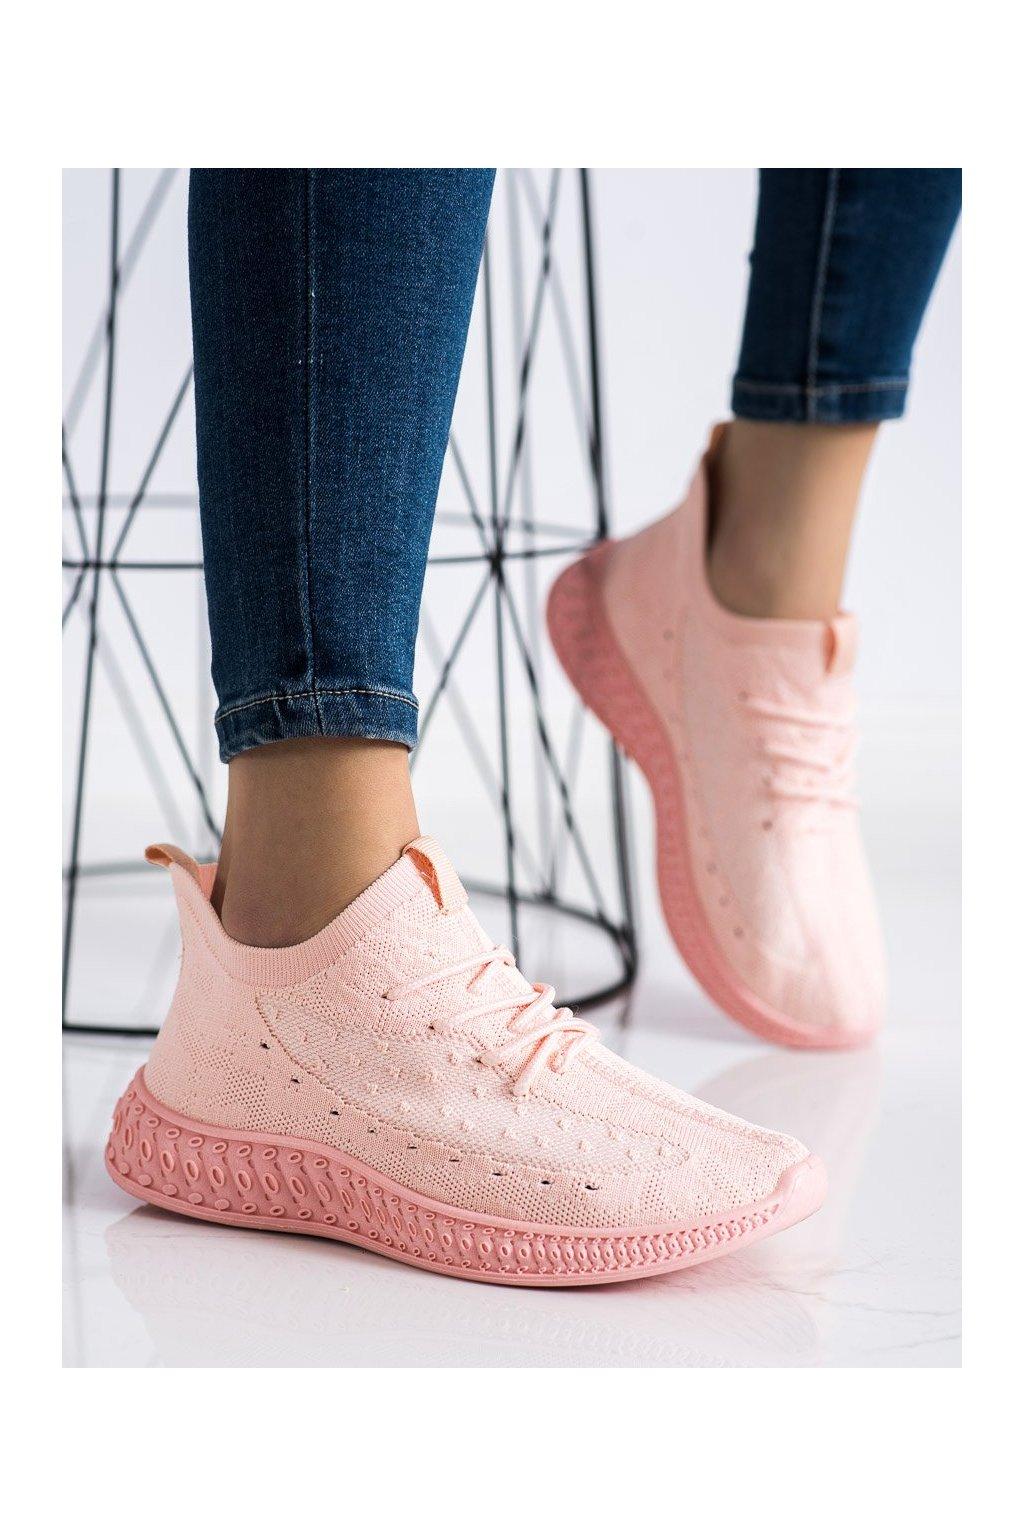 Ružové tenisky Shelovet kod PC01LT.P